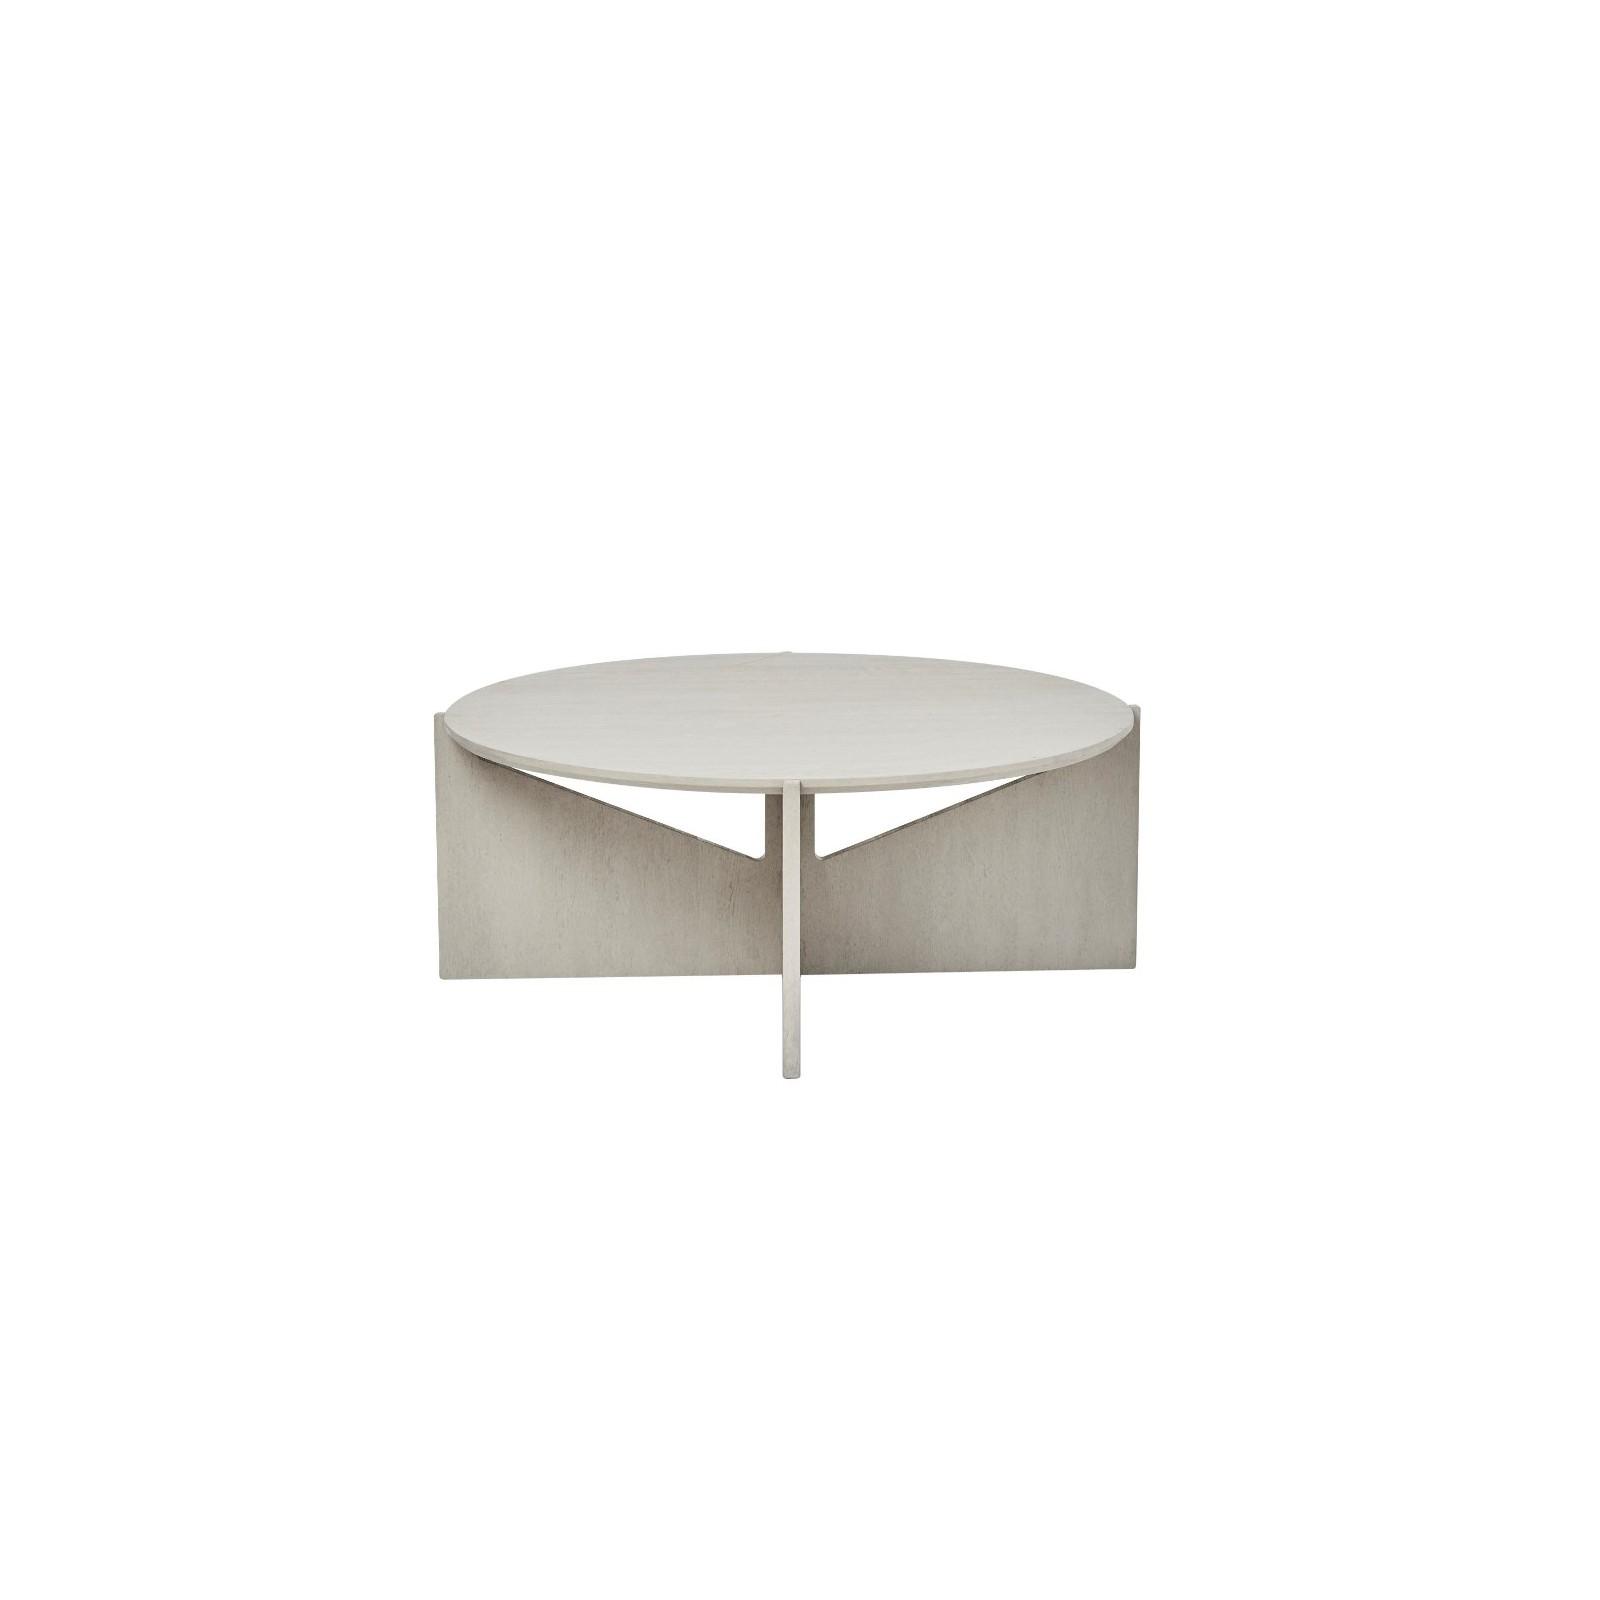 grande table basse ch ne gris arne concept. Black Bedroom Furniture Sets. Home Design Ideas